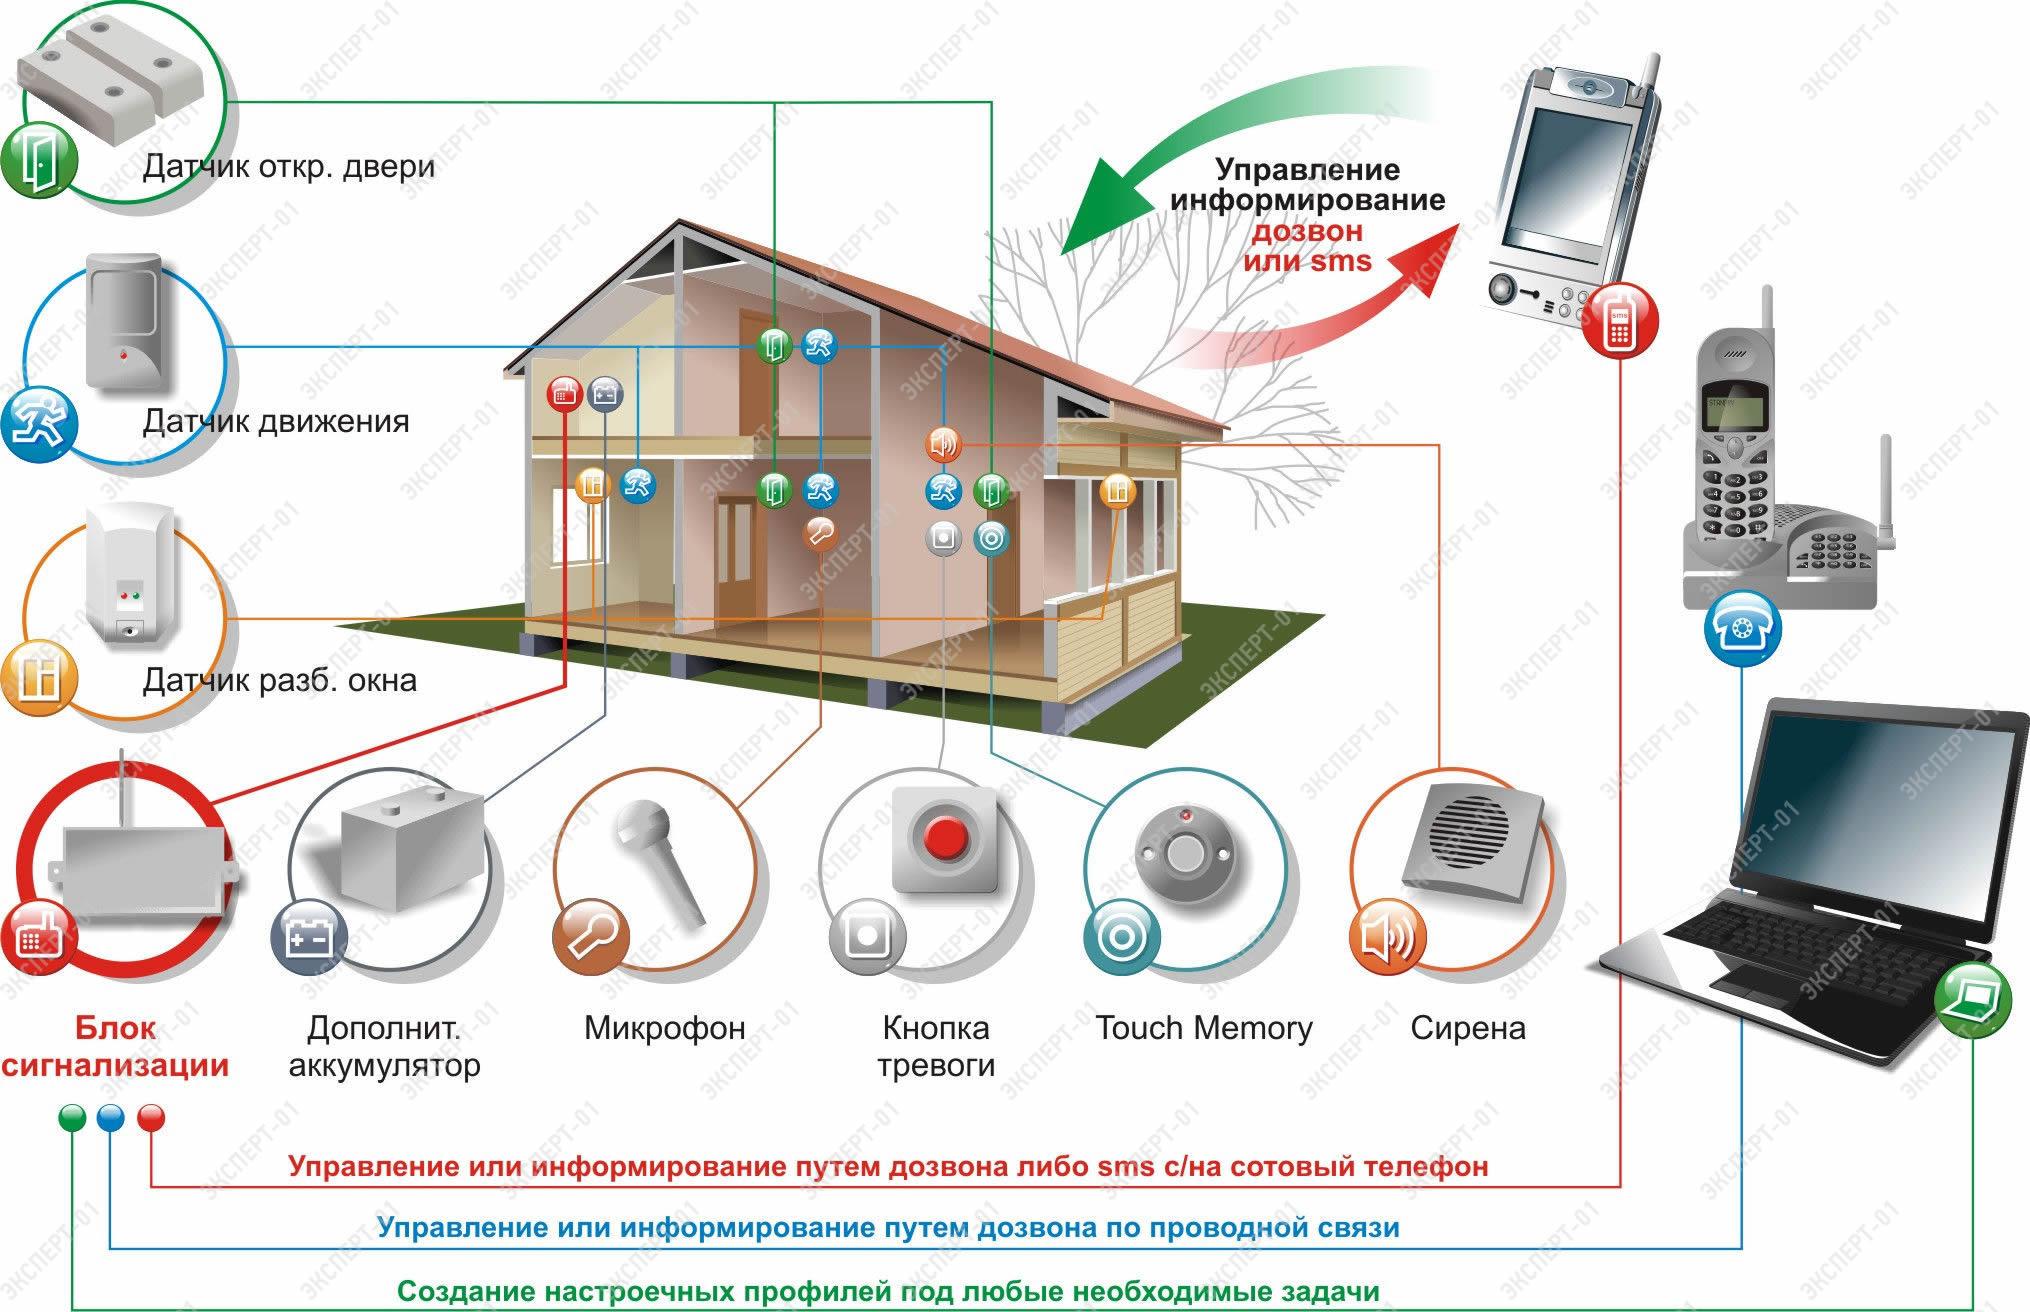 план схемы систем охранно пожарной сигнализации